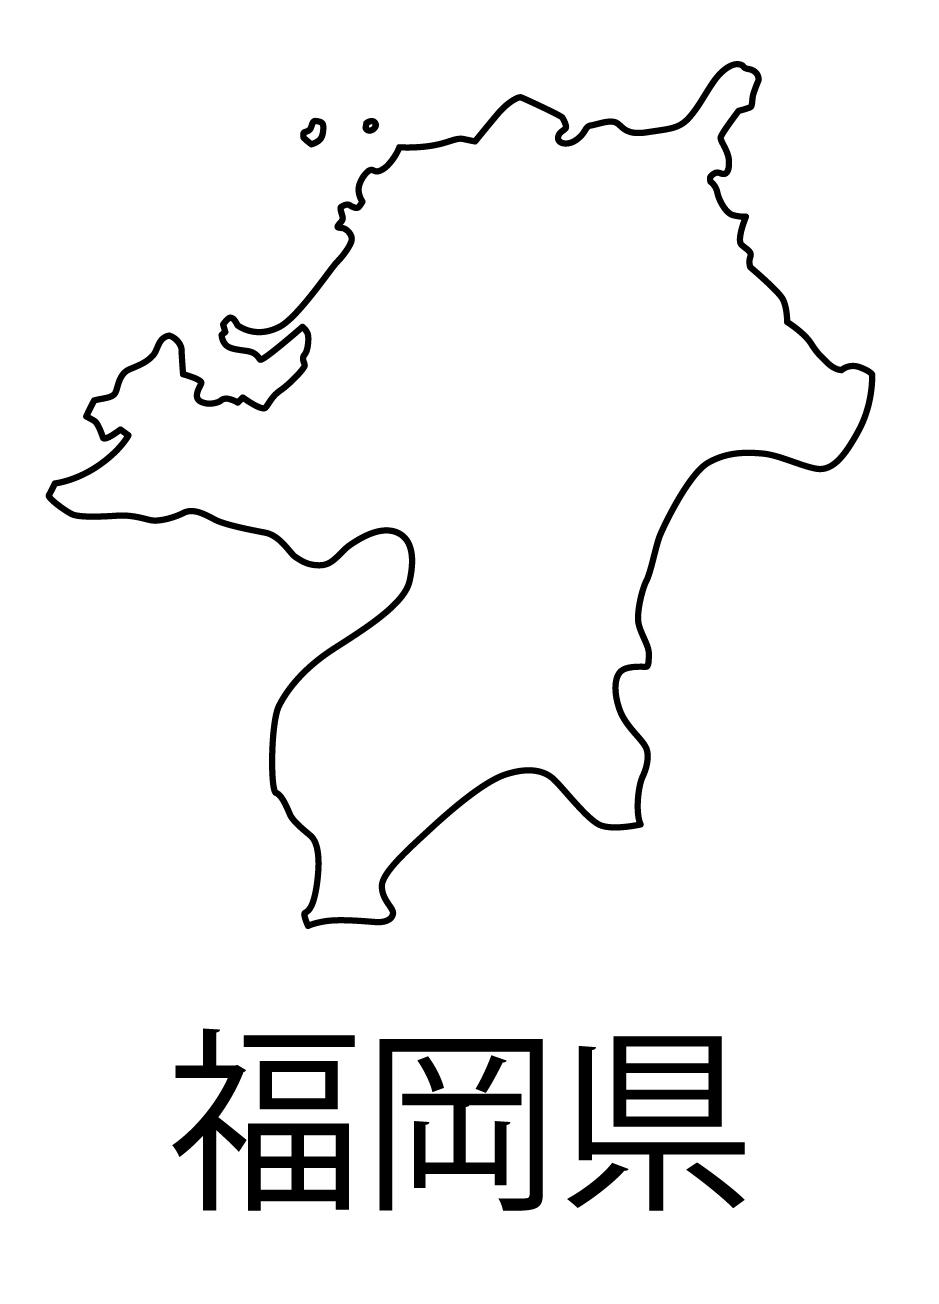 福岡県無料フリーイラスト|日本語・都道府県名あり(白)